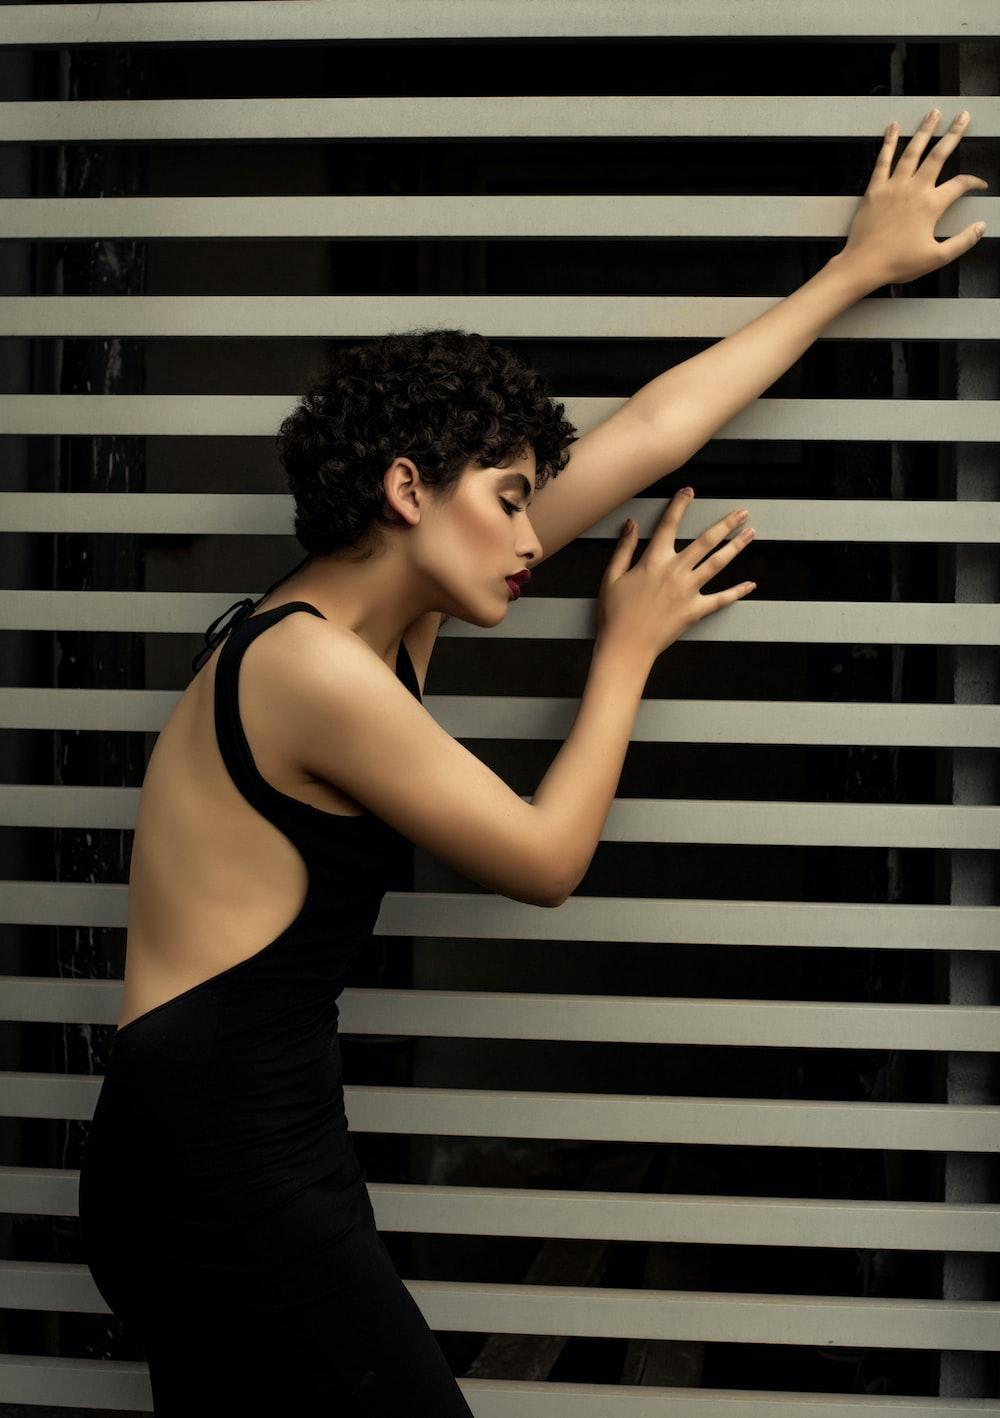 woman in black sleeveless dress learning on window